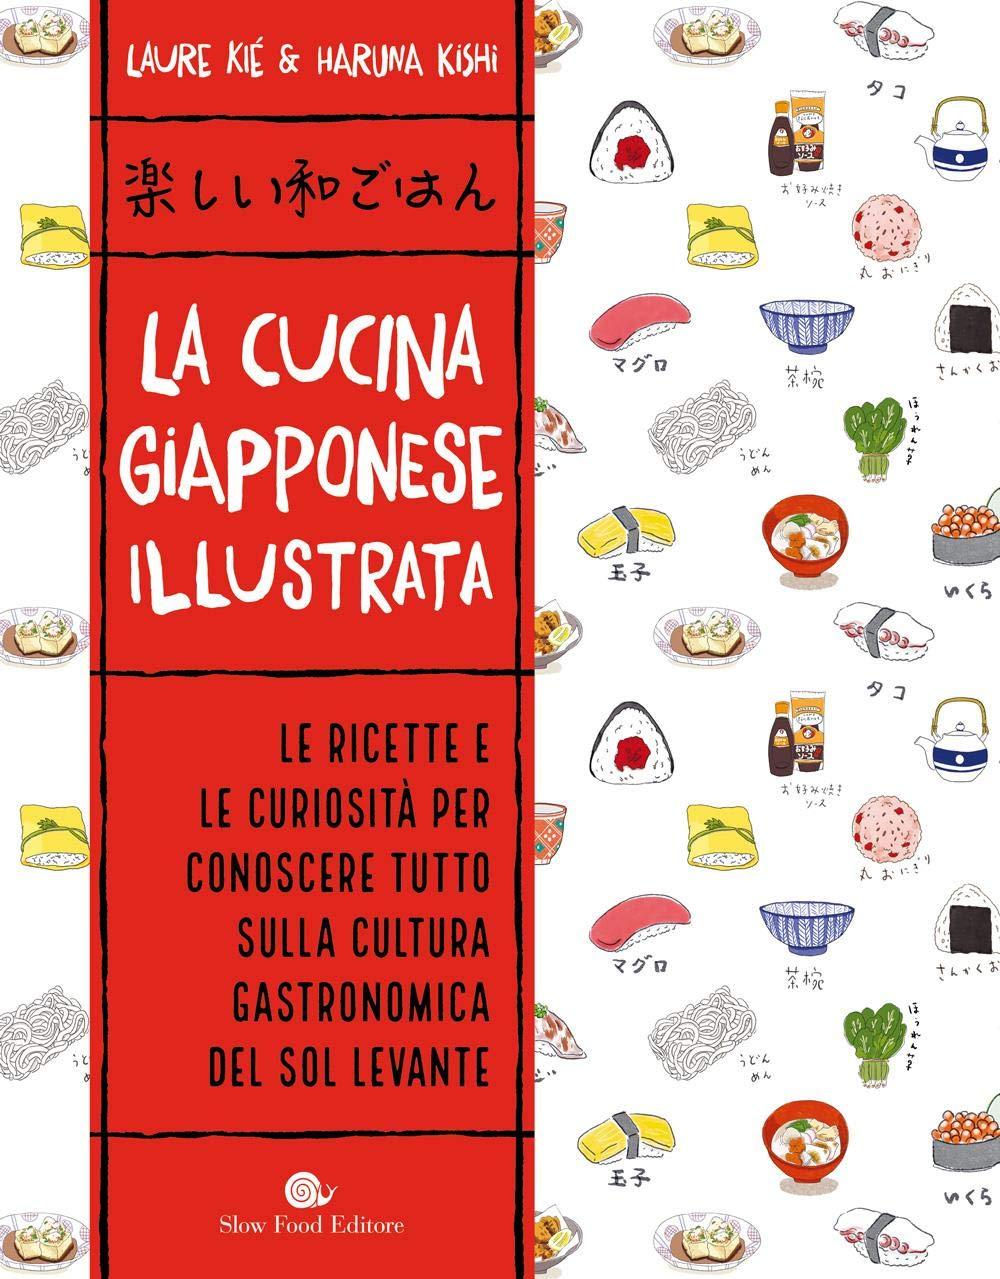 Recensione di La Cucina Giapponese Illustrata – L. Kié – H. Kishi